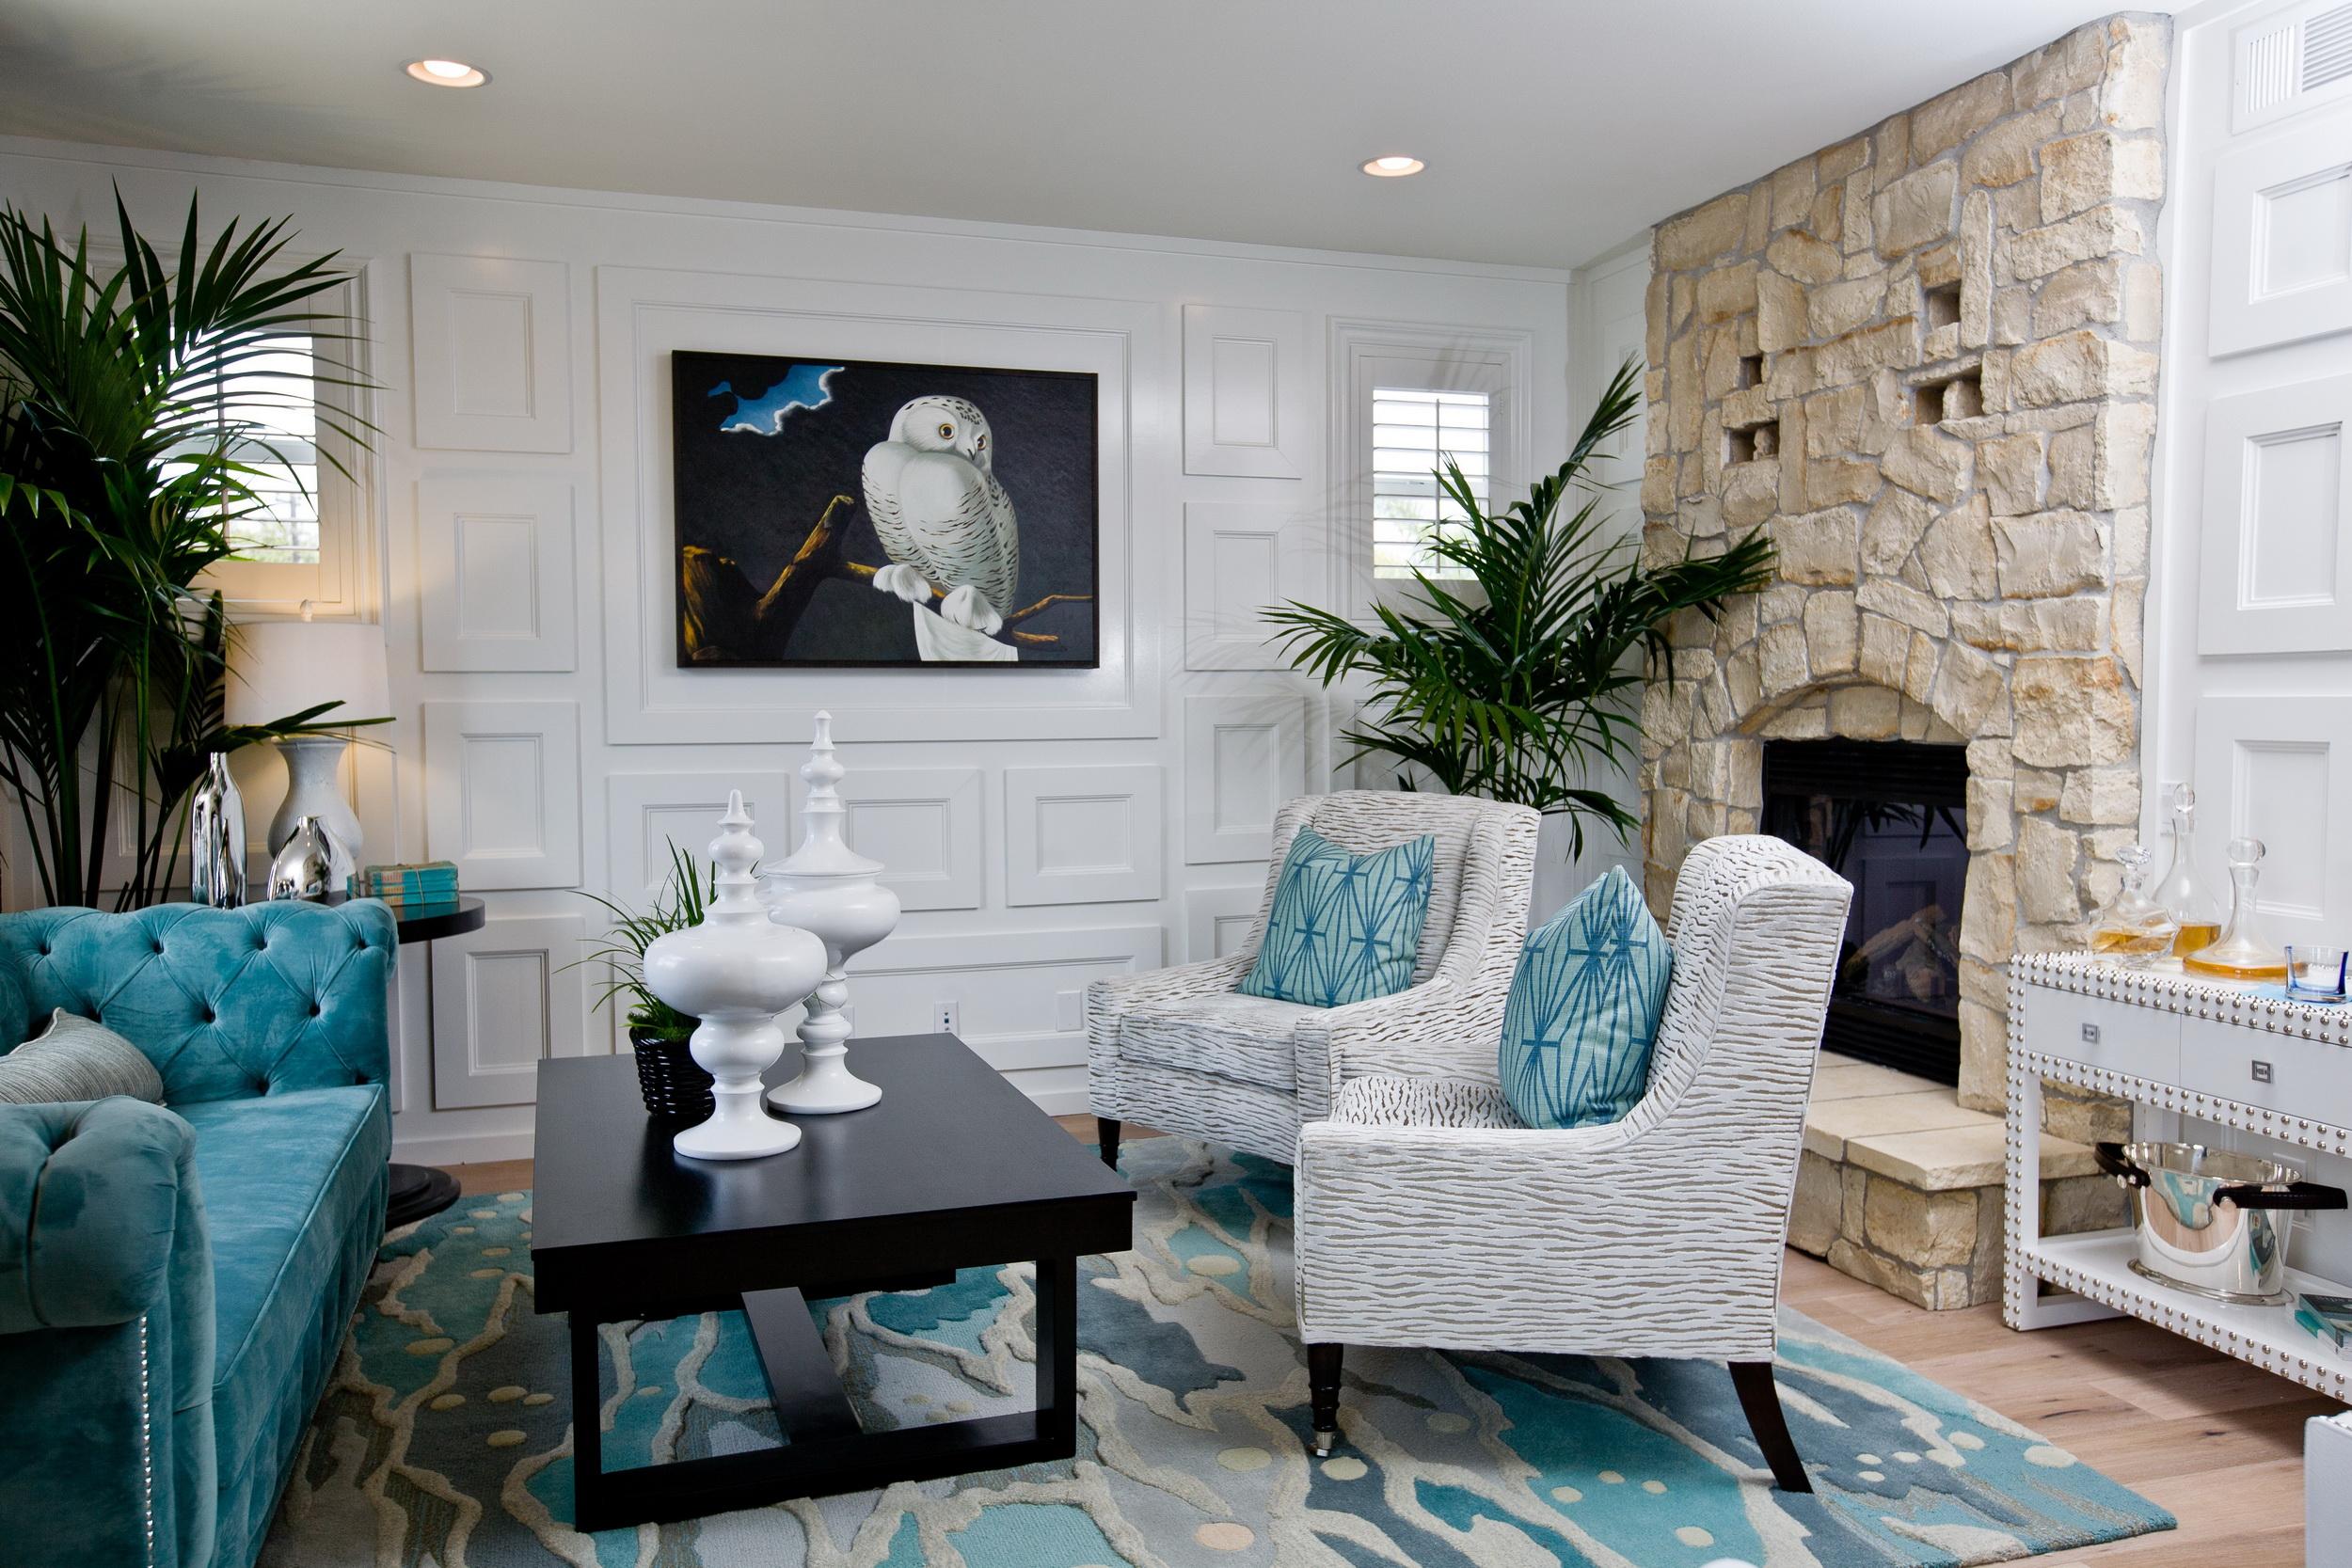 гостиная в бело-бирюзовых тонах, черный стол, белые кресла, синий диван, камин